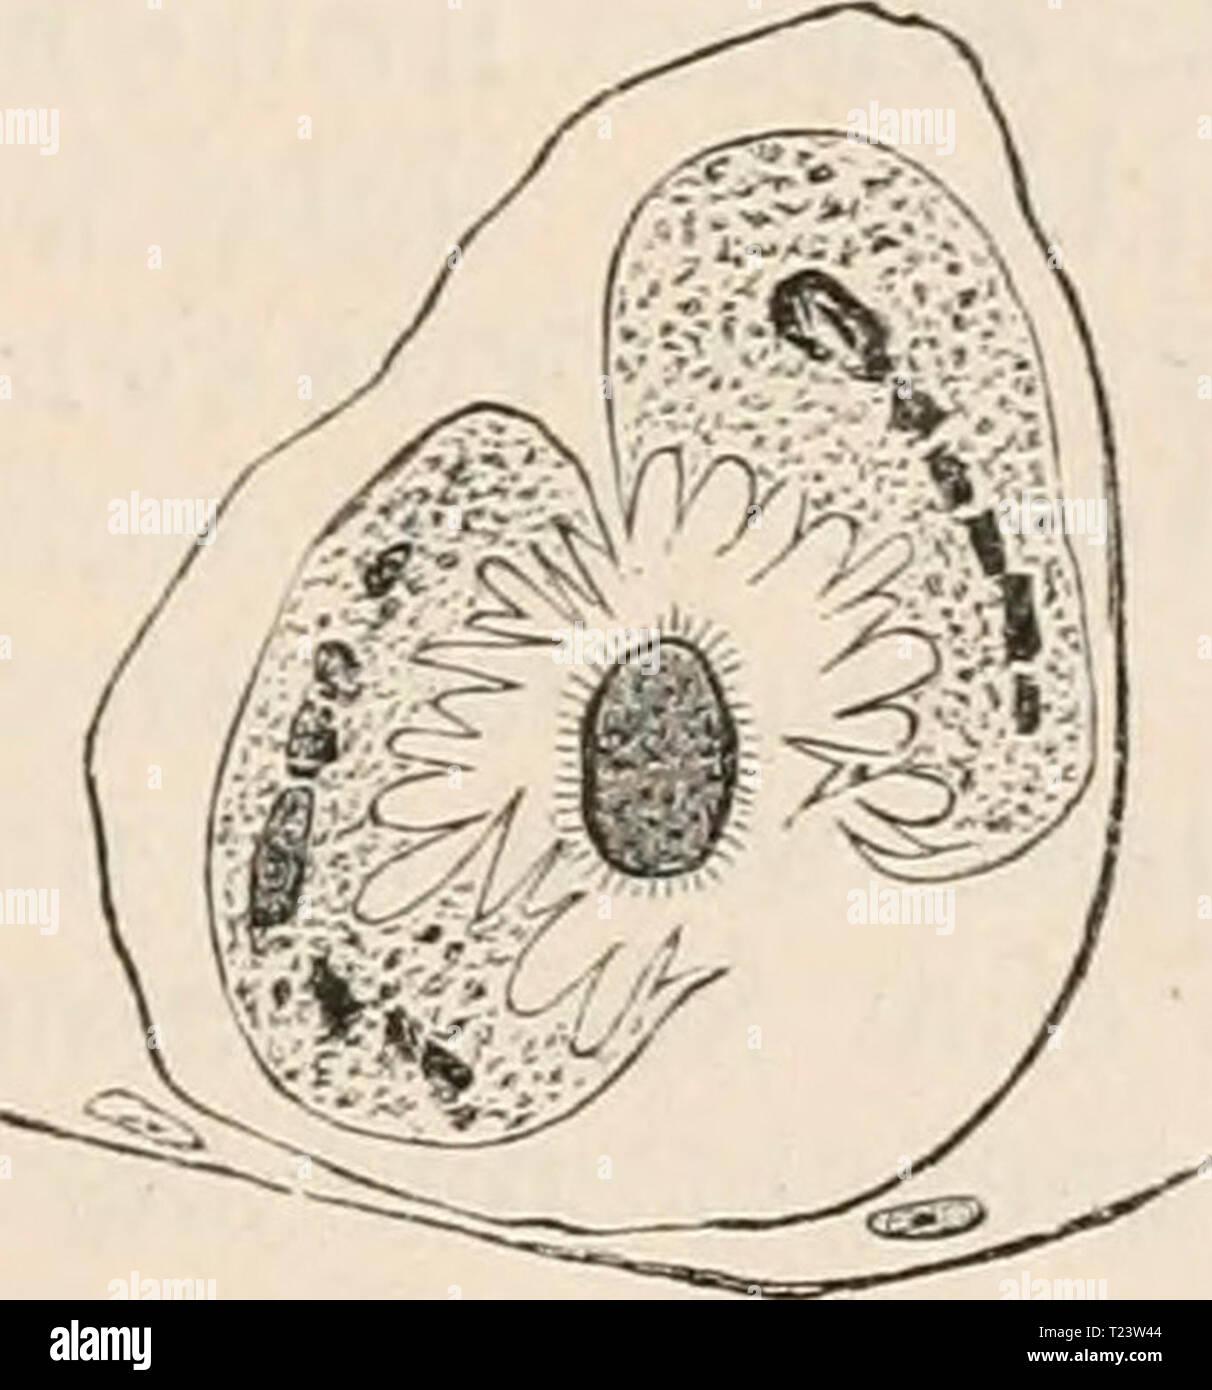 Archive image from page 280 of Die Zelle und die Gewebe Die Zelle und die Gewebe. Grundzüge der Allgemeinen Anatomie und Physiologie  diezelleunddiege02hert Year: 1893-1898 Stock Photo